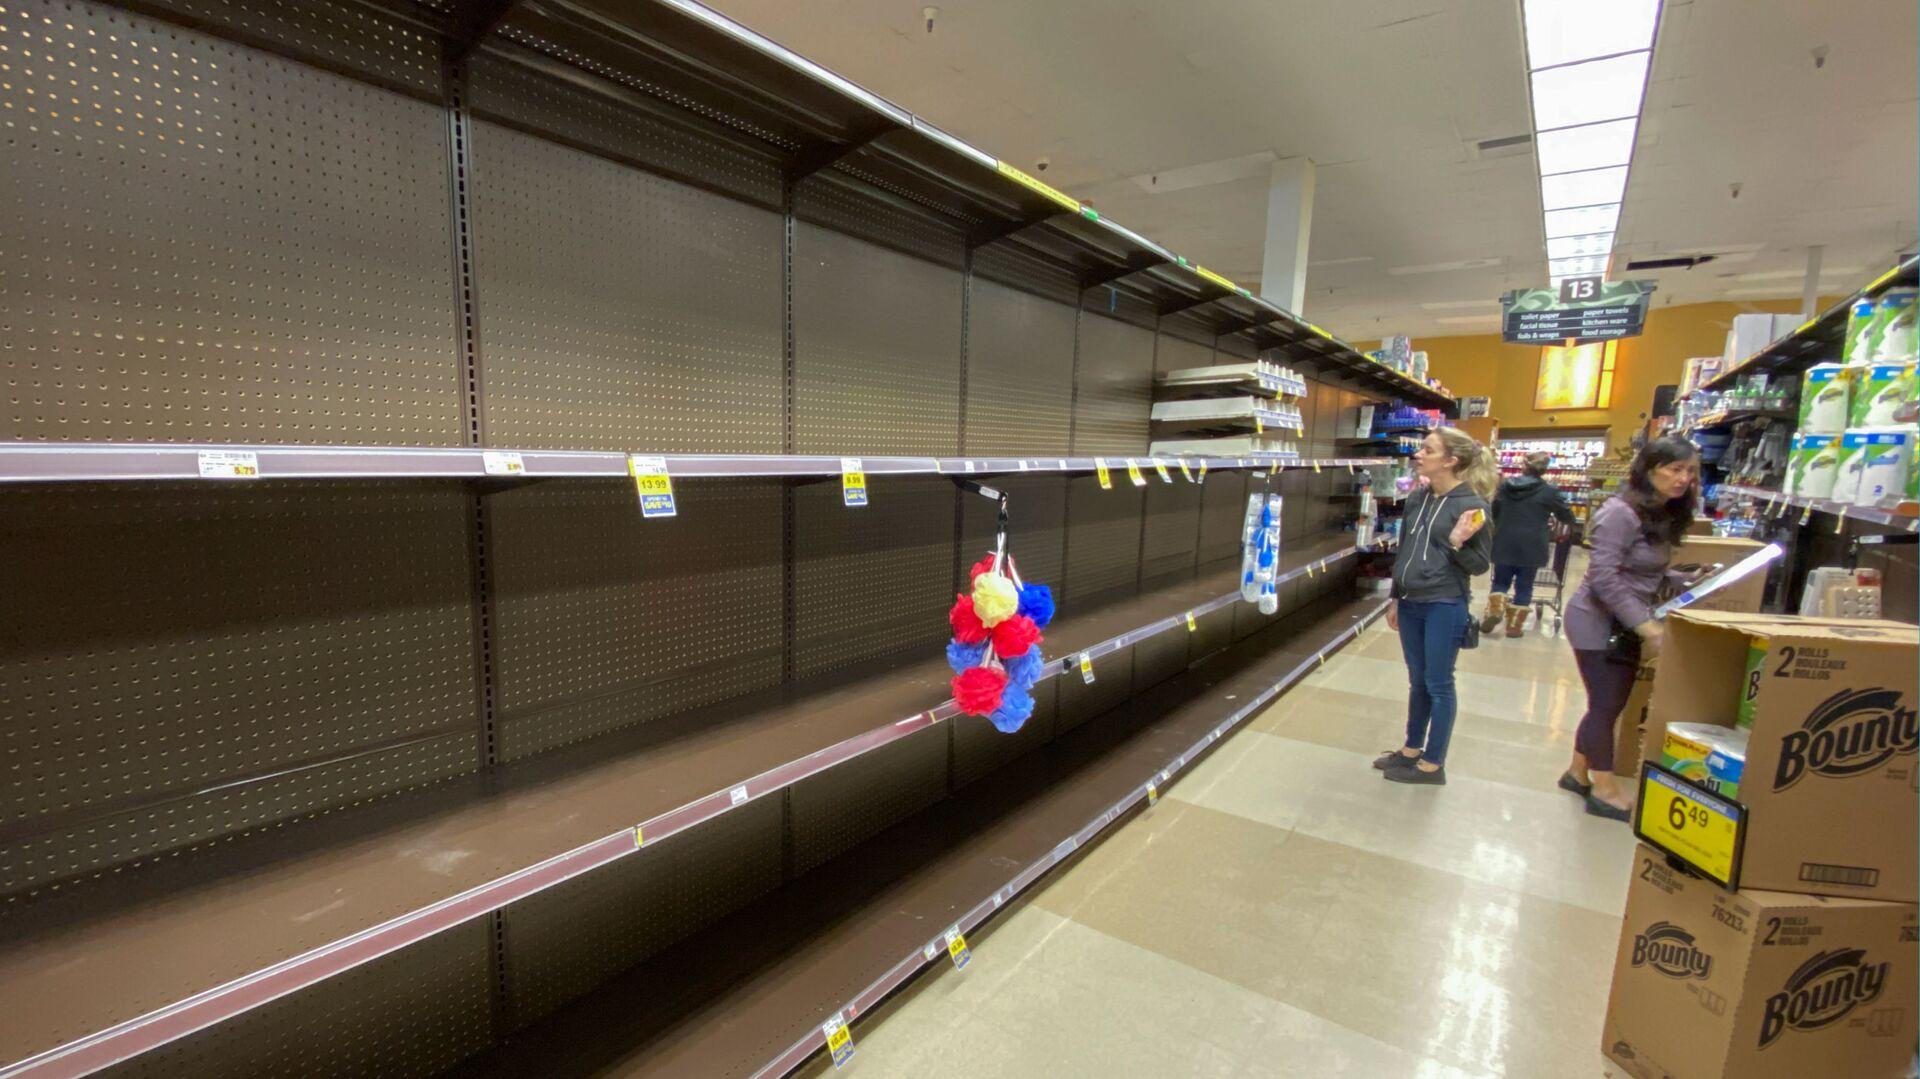 Покупатели у пустых прилавков в супермаркете в Энсинитасе, США - Sputnik Таджикистан, 1920, 01.09.2021